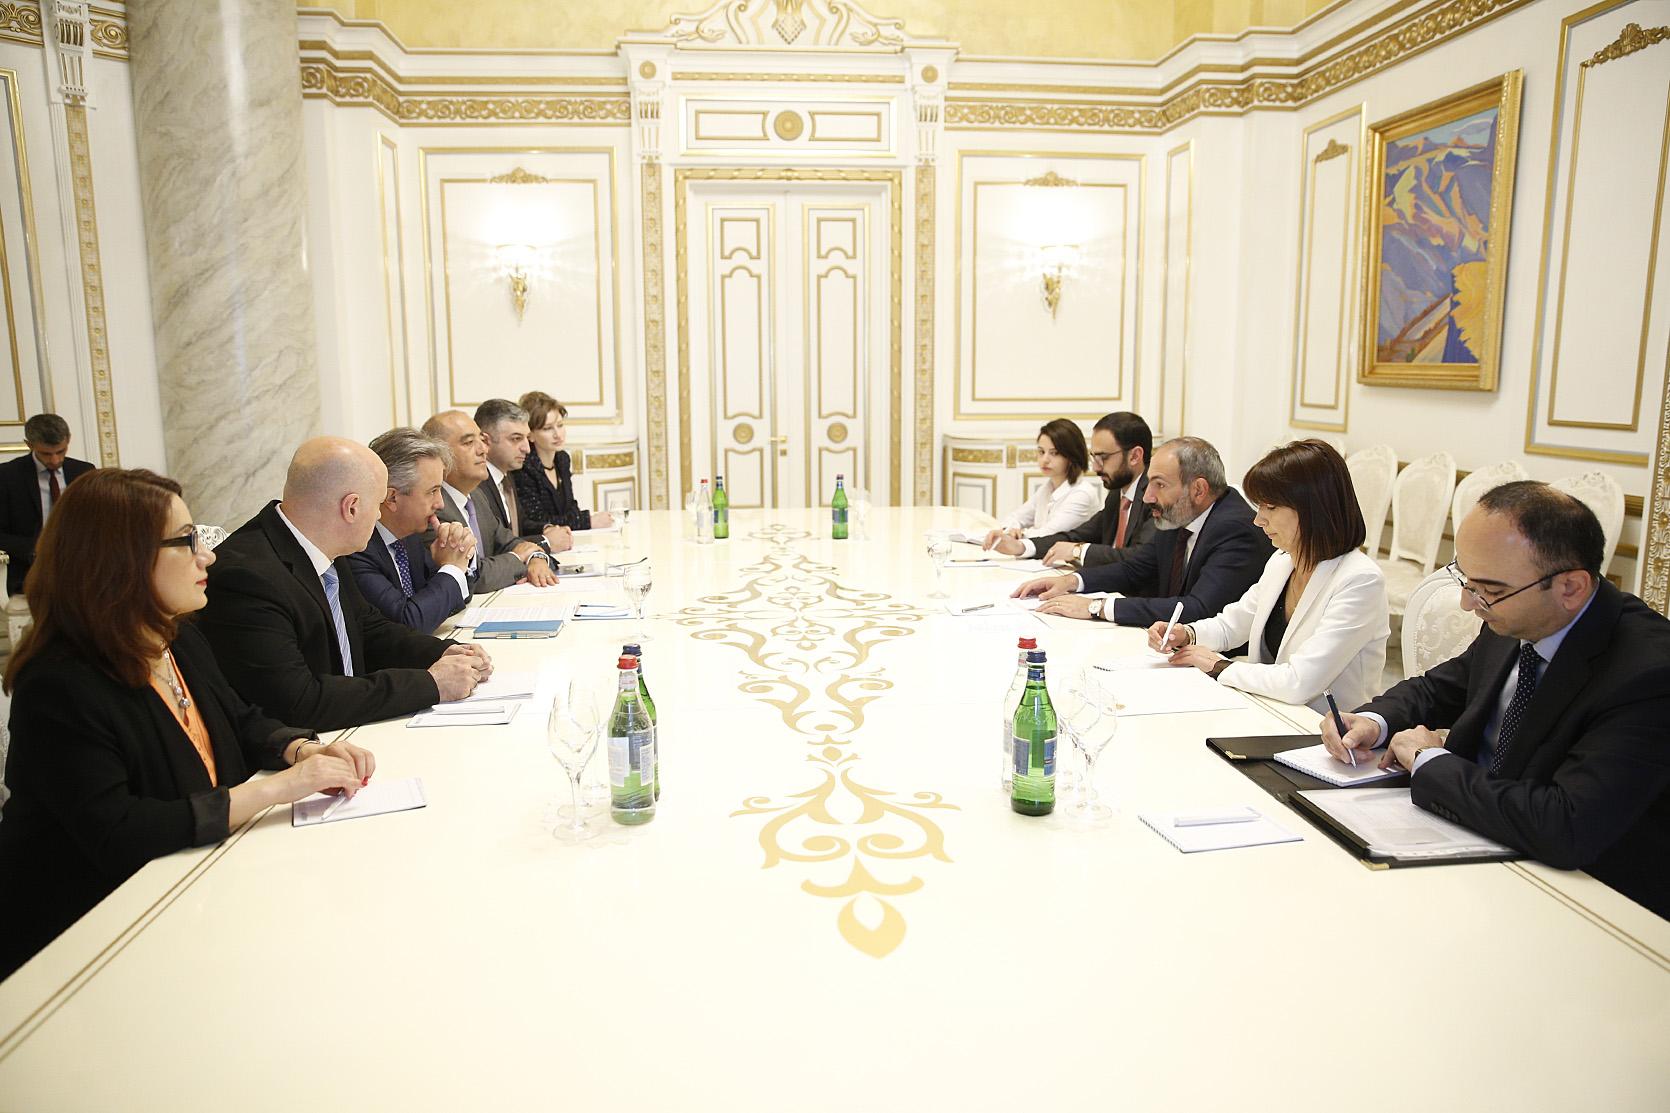 ՎԶԵԲ-ը պատրաստ է սերտ փոխգործակցության ՀՀ նոր կառավարության հետ (լուսանկարներ)